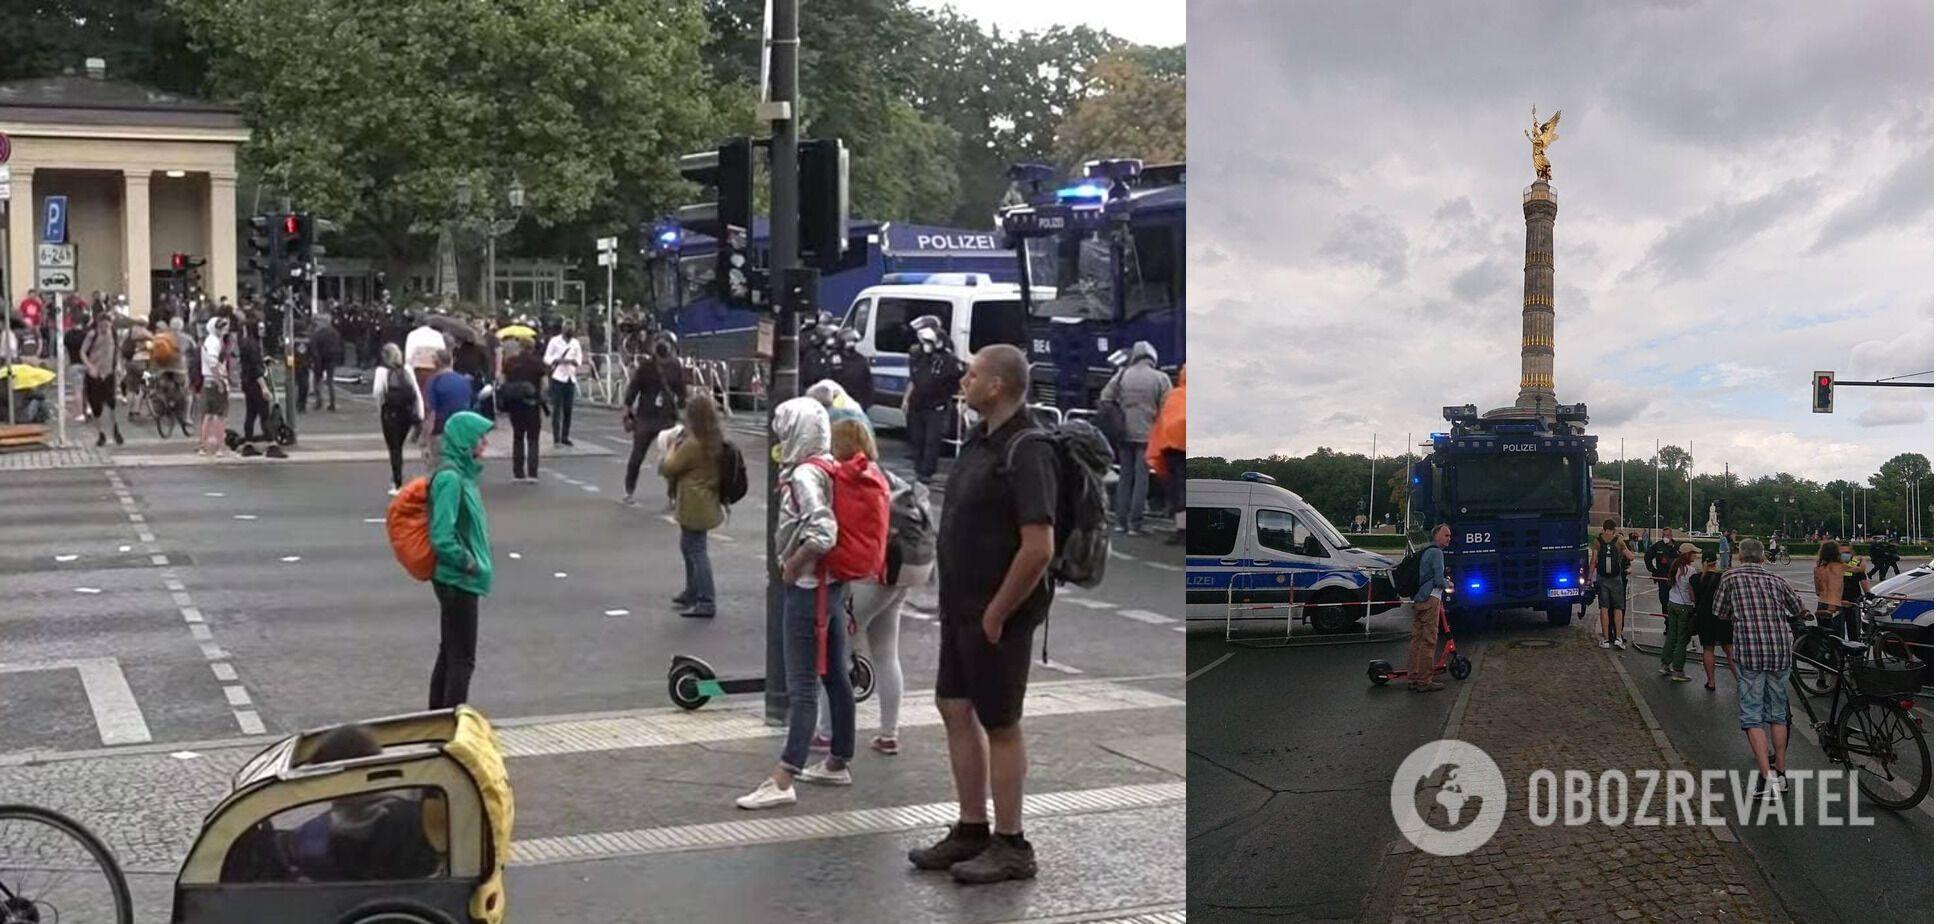 Мітинг пройшов у центрі міста